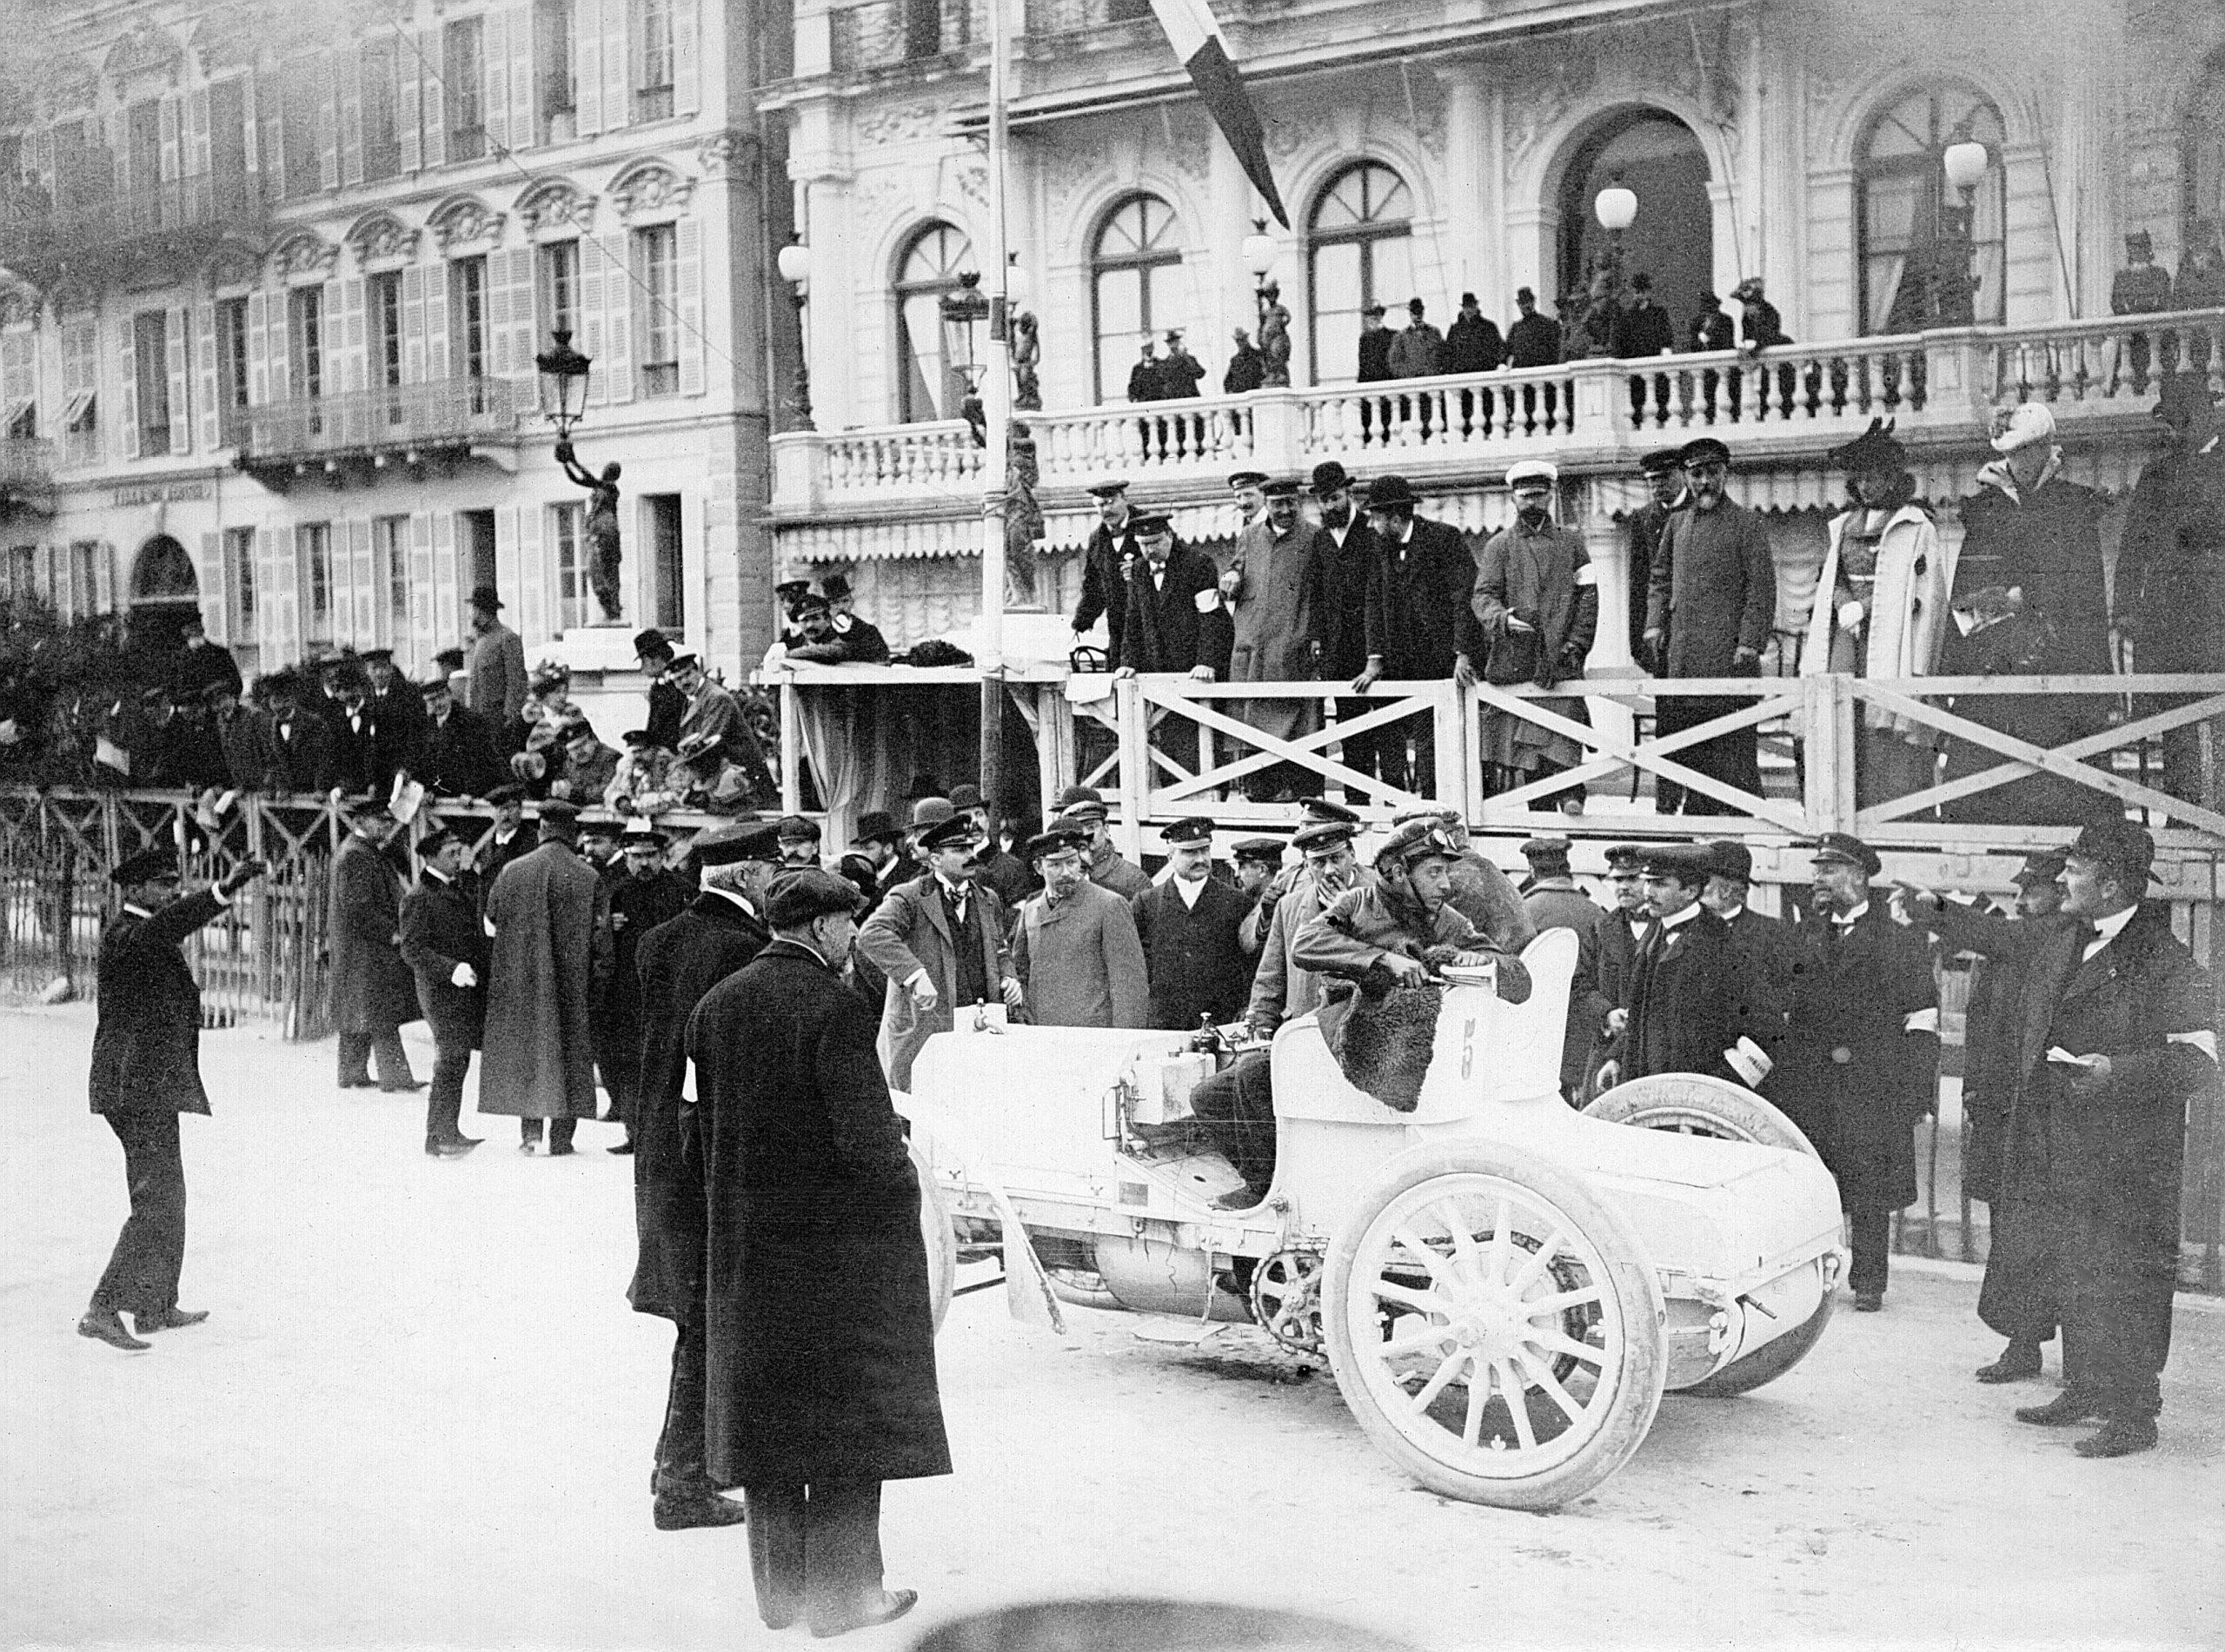 Woche von Nizza, 25. bis 29. März 1901. Foto des Mercedes 35 PS von Baron de Rothschild, gefahren von Wilhelm Werner, auf der Promenade des Anglais in Nizza. Emil Jellinek (mit Backenbart) steht rechts hinter dem Fahrzeug innerhalb der Absperrungen.